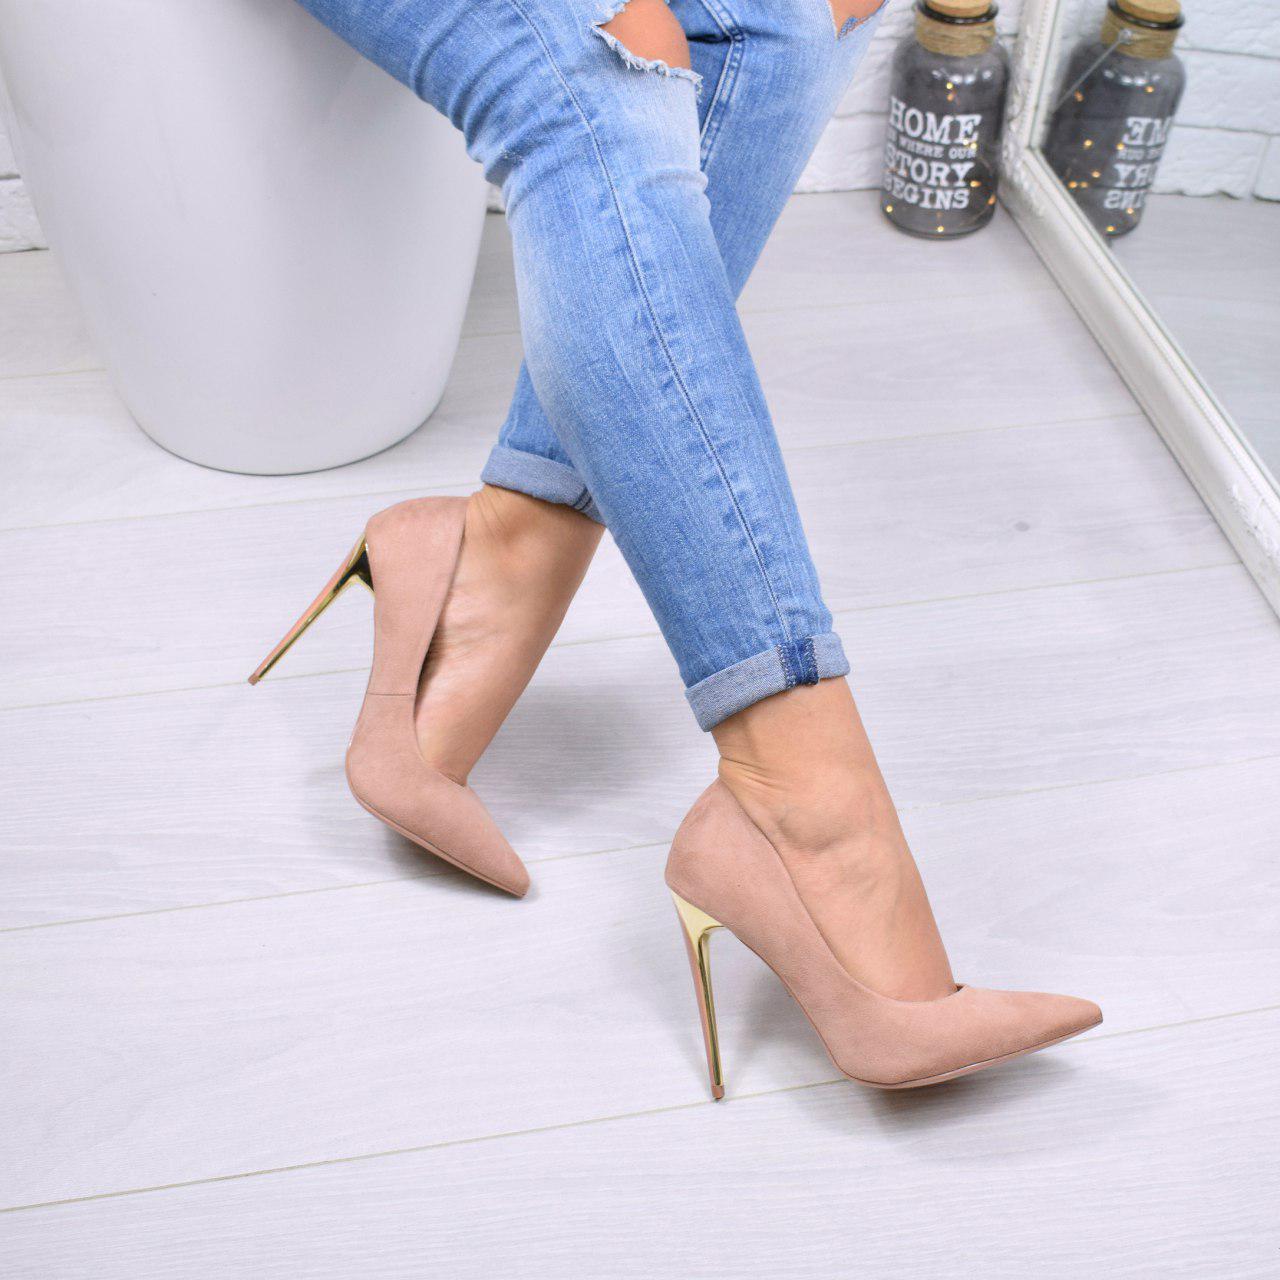 e19e445b84bb Туфли женские на каблуке пудровые